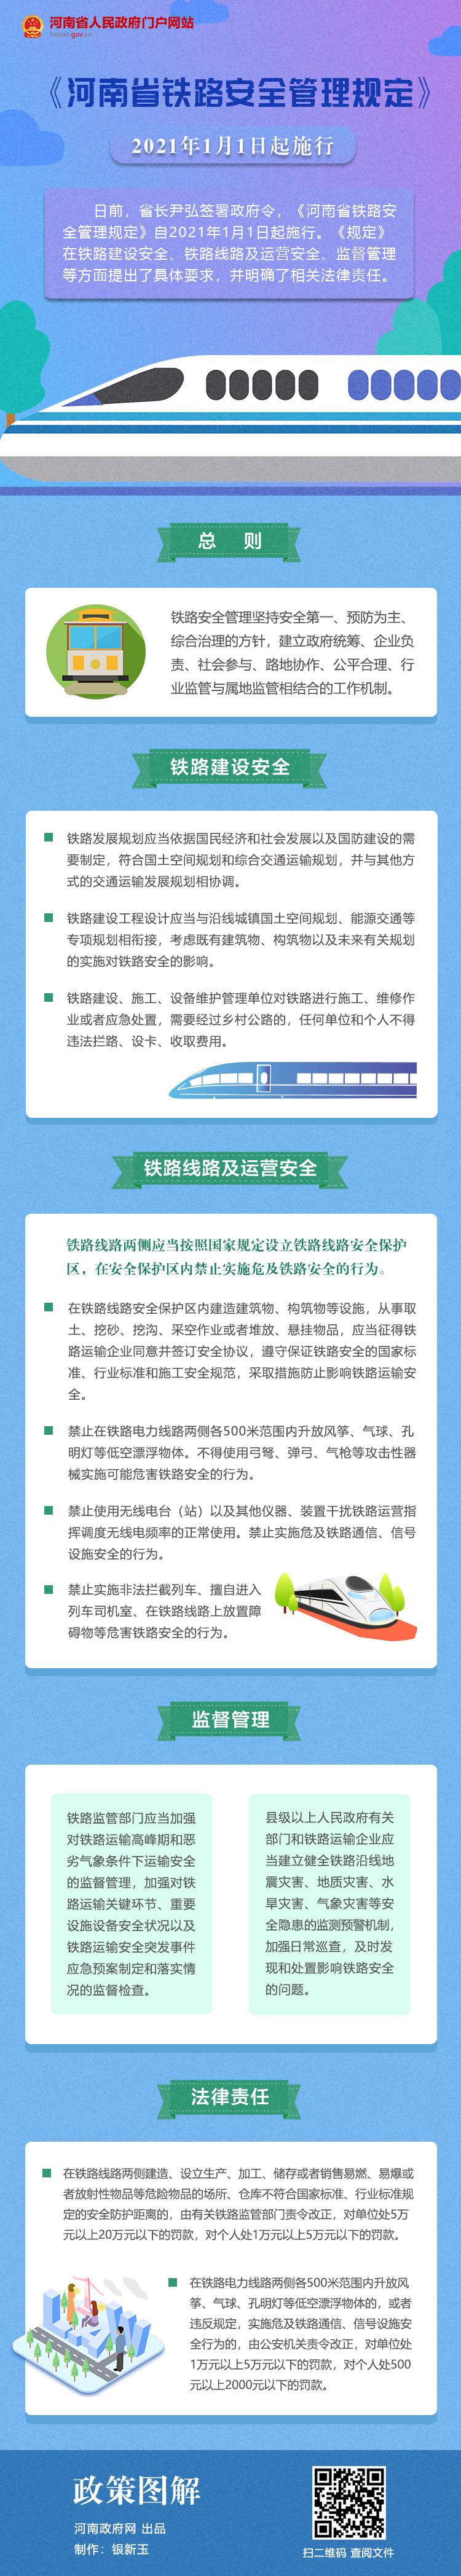 图解:《河南省铁路安全管理规定》2021年1月1日起施行